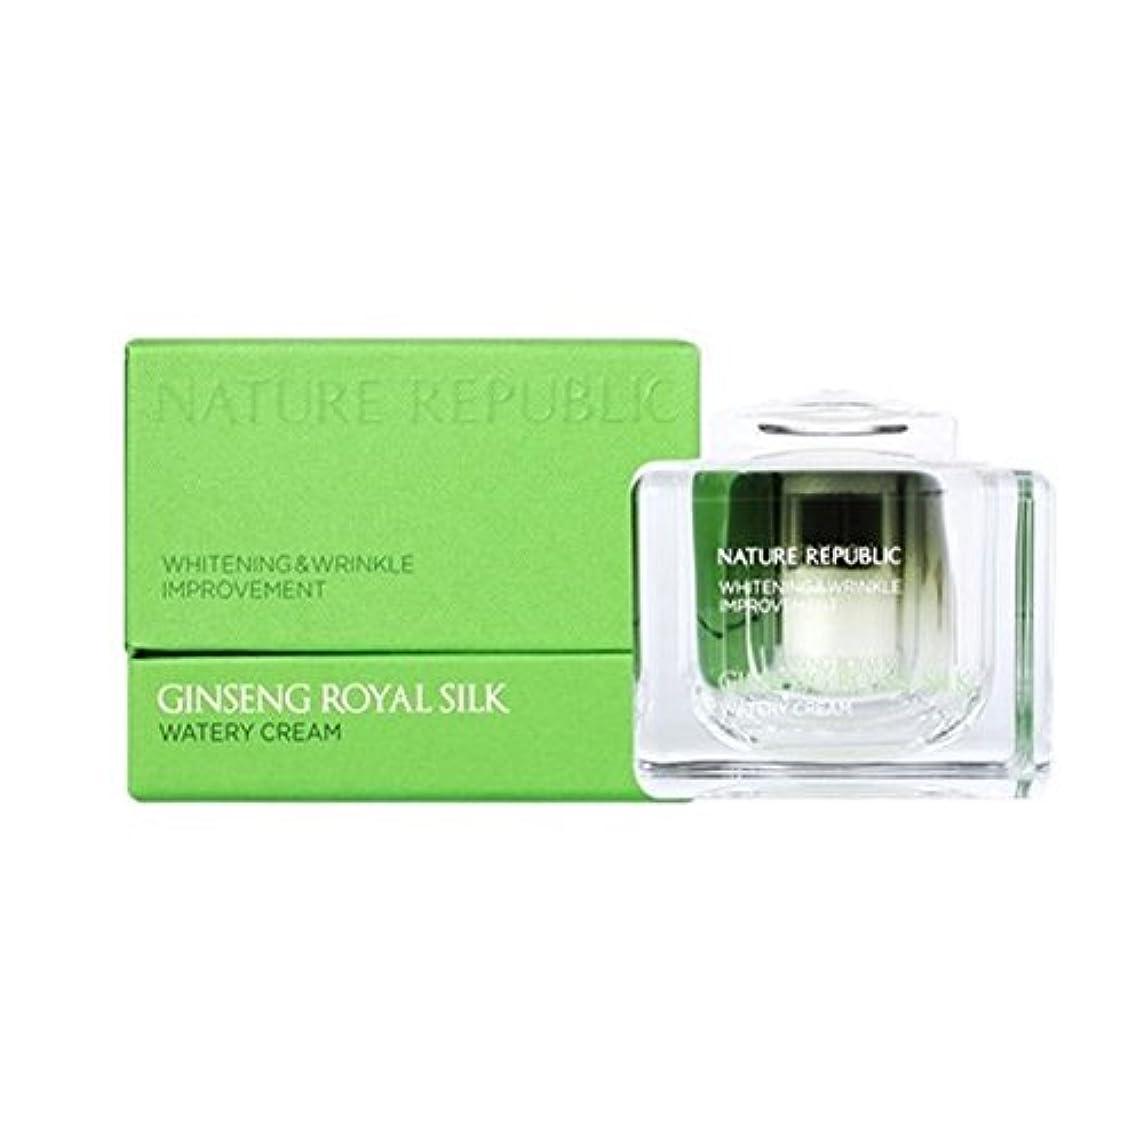 課す緩める競争力のあるネイチャーリパブリック(NATURE REPUBLIC) ジンセンロイヤルシルクウォトリクリーム 60ml NATURE REPUBLIC Ginseng Royal Silk Watery Cream 60ml [並行輸入品]